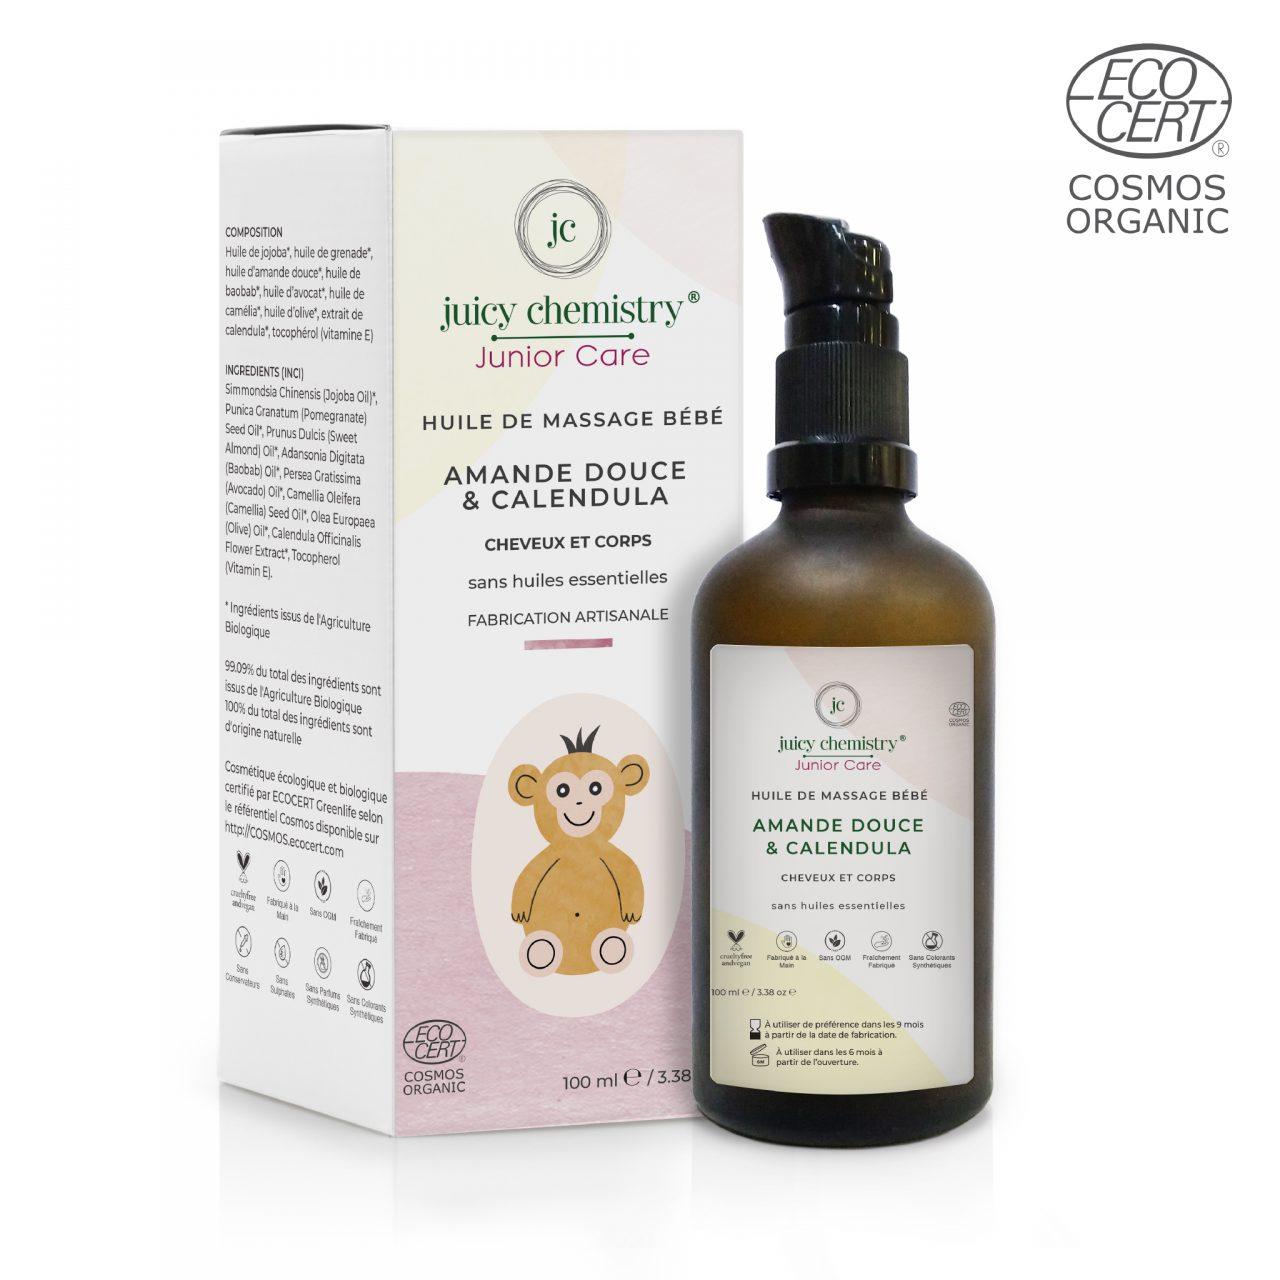 Huile de Massage Bébé Amande Douce & Calendula Emballage